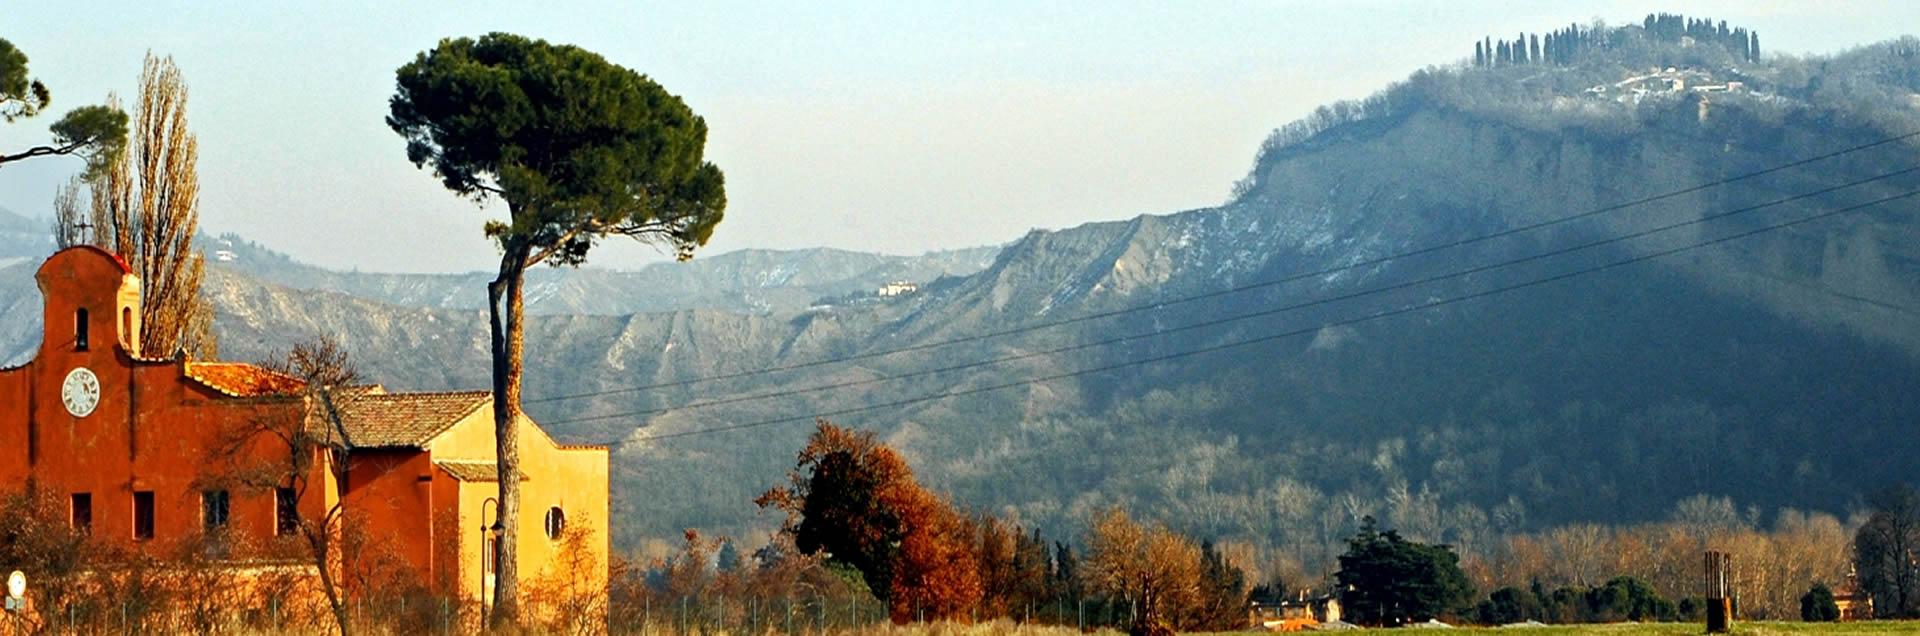 Paesaggio Sasso Marconi